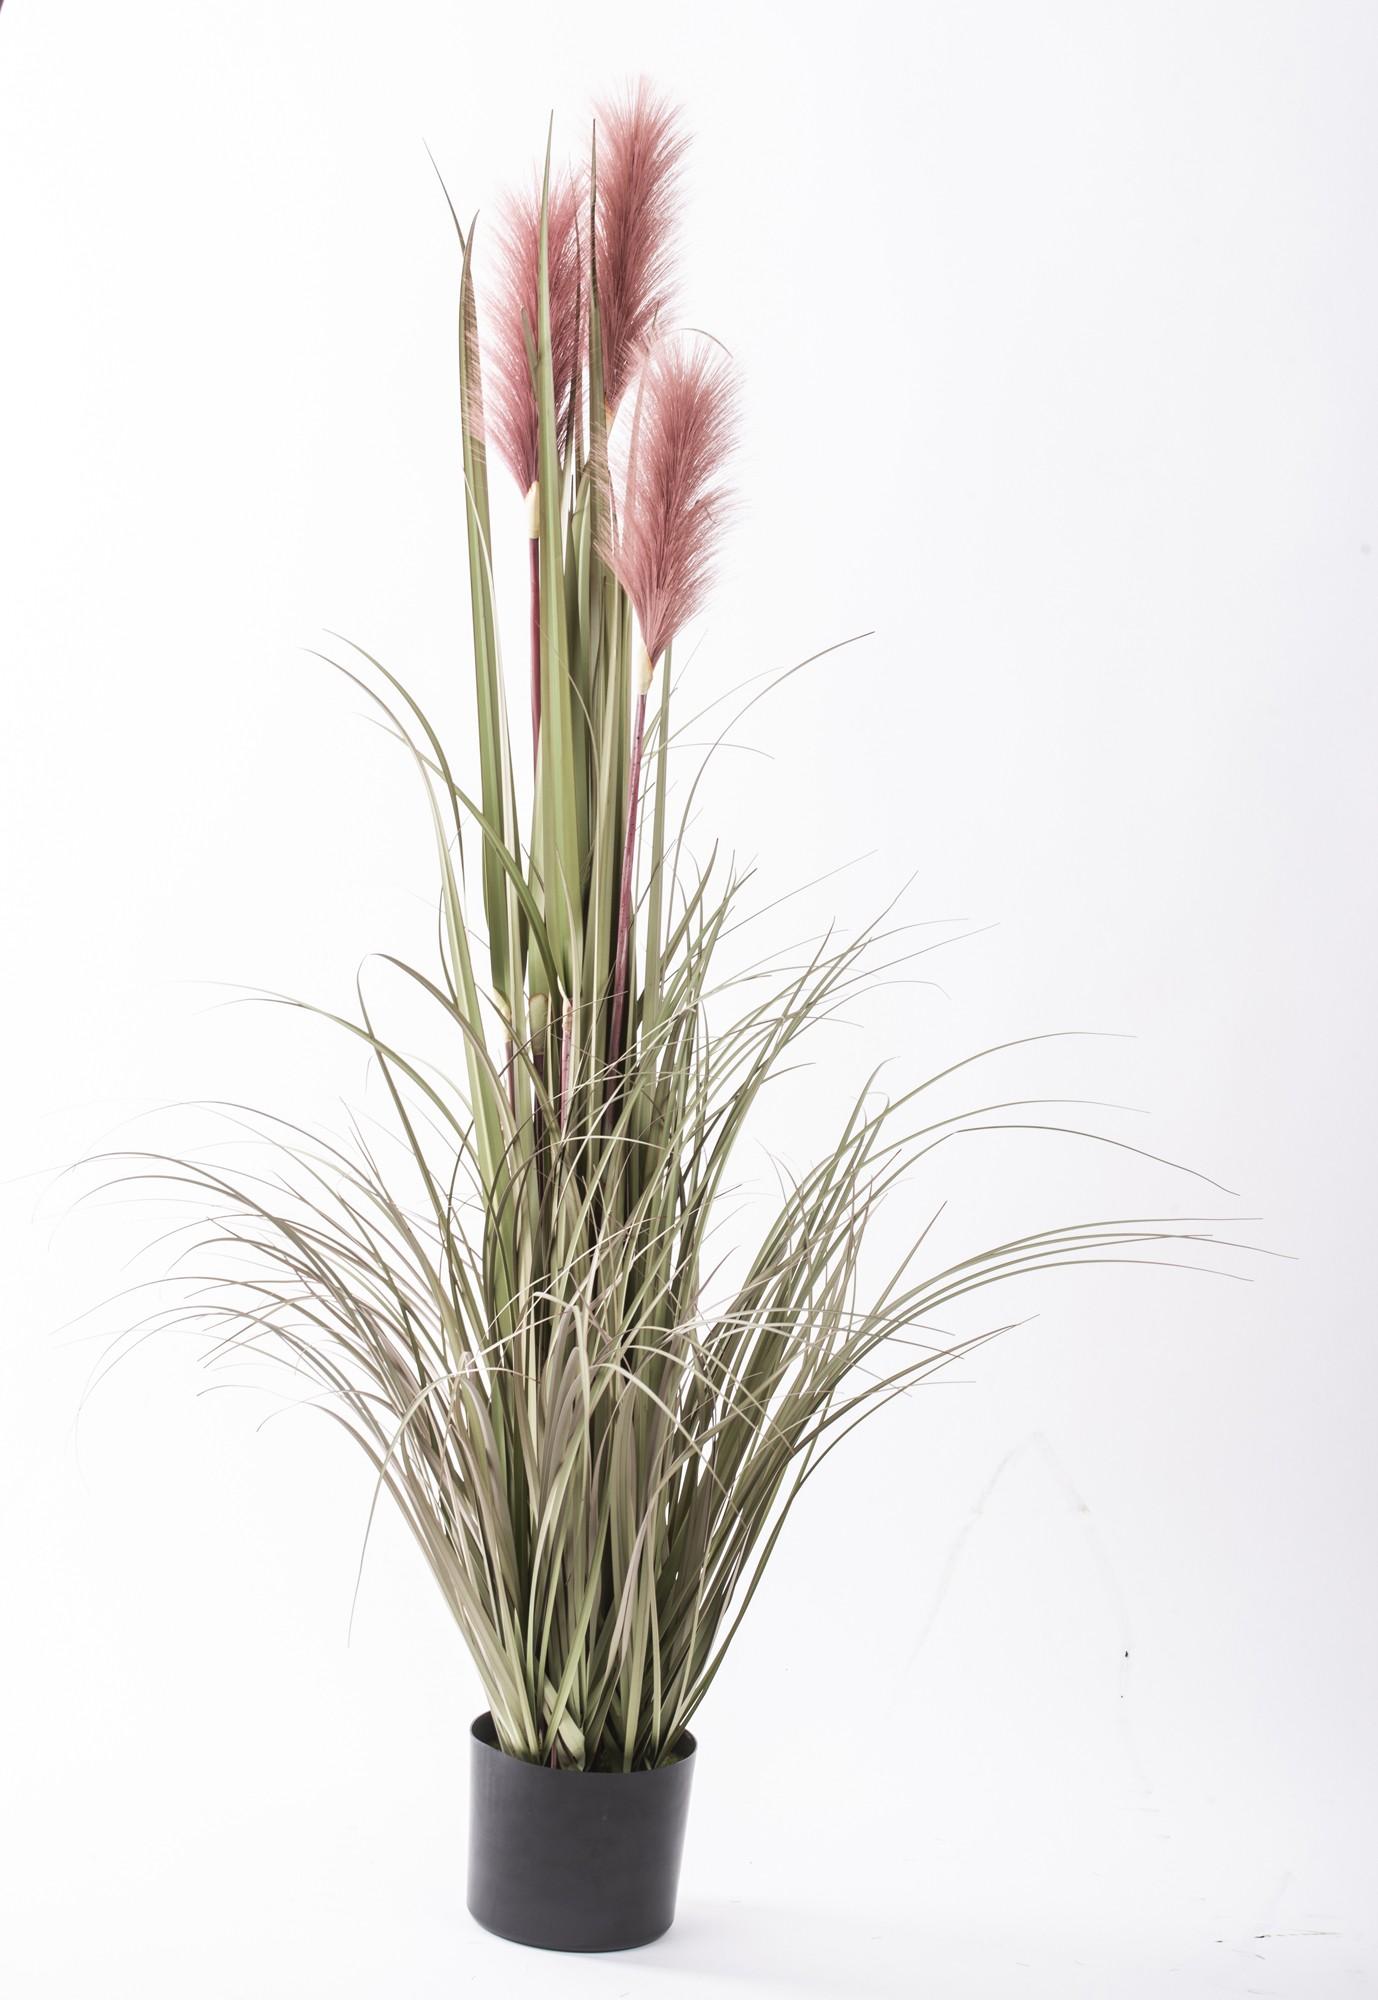 Sztuczna trawa kwitnąca